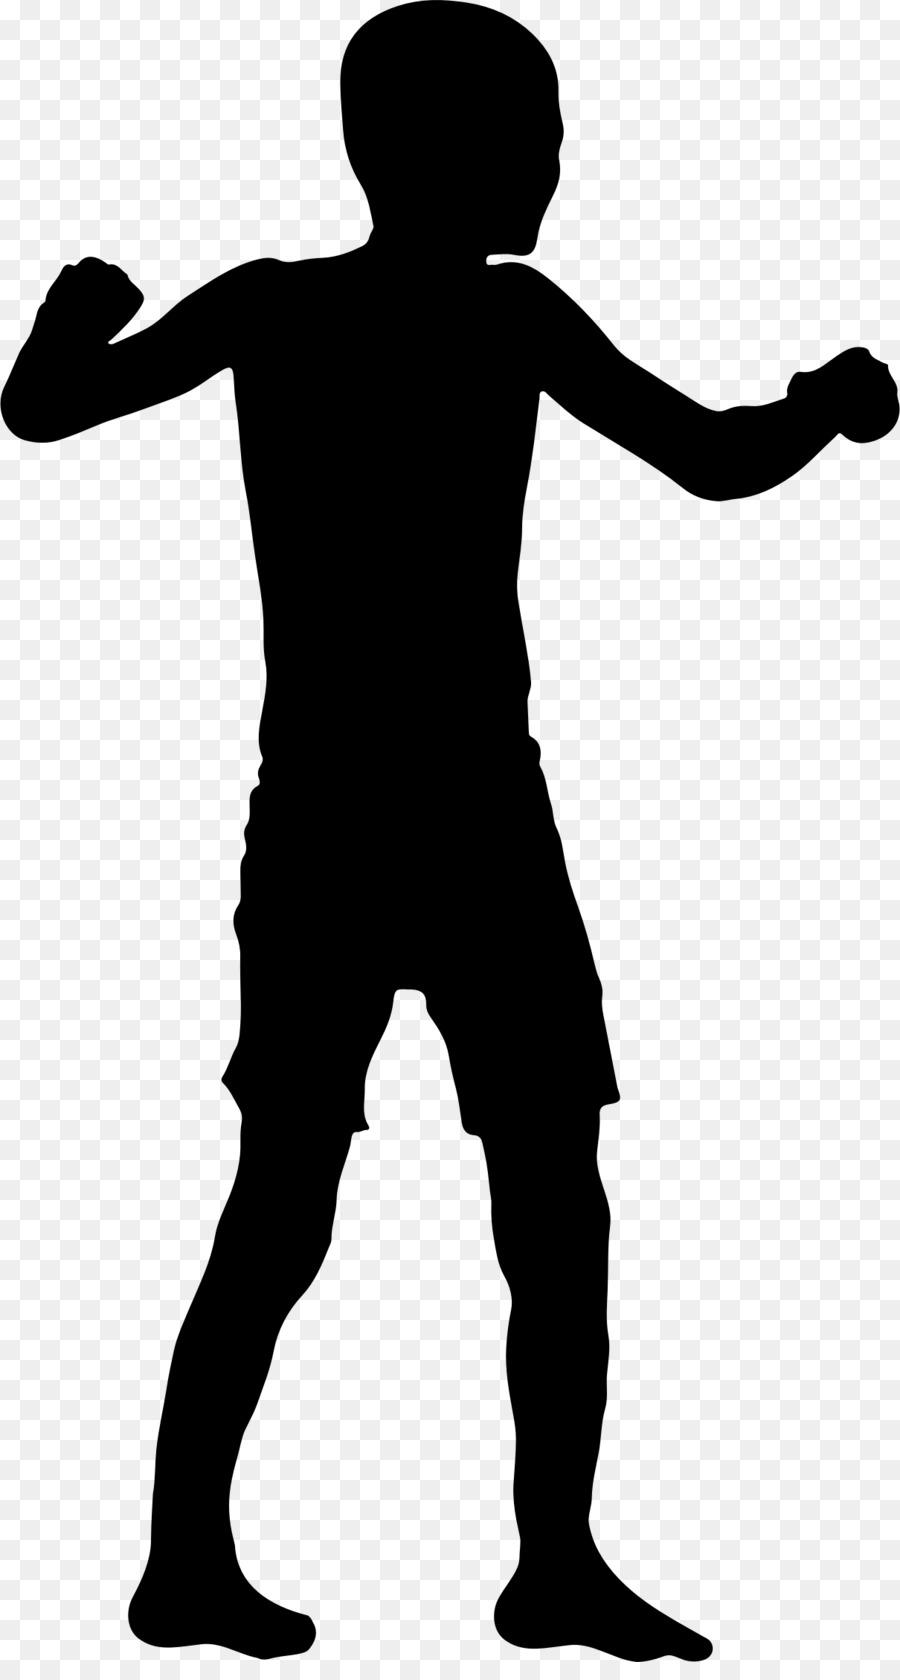 Bo sillohette clipart clip art black and white download Person Cartoon clipart - Silhouette, Child, Boy, transparent clip art clip art black and white download